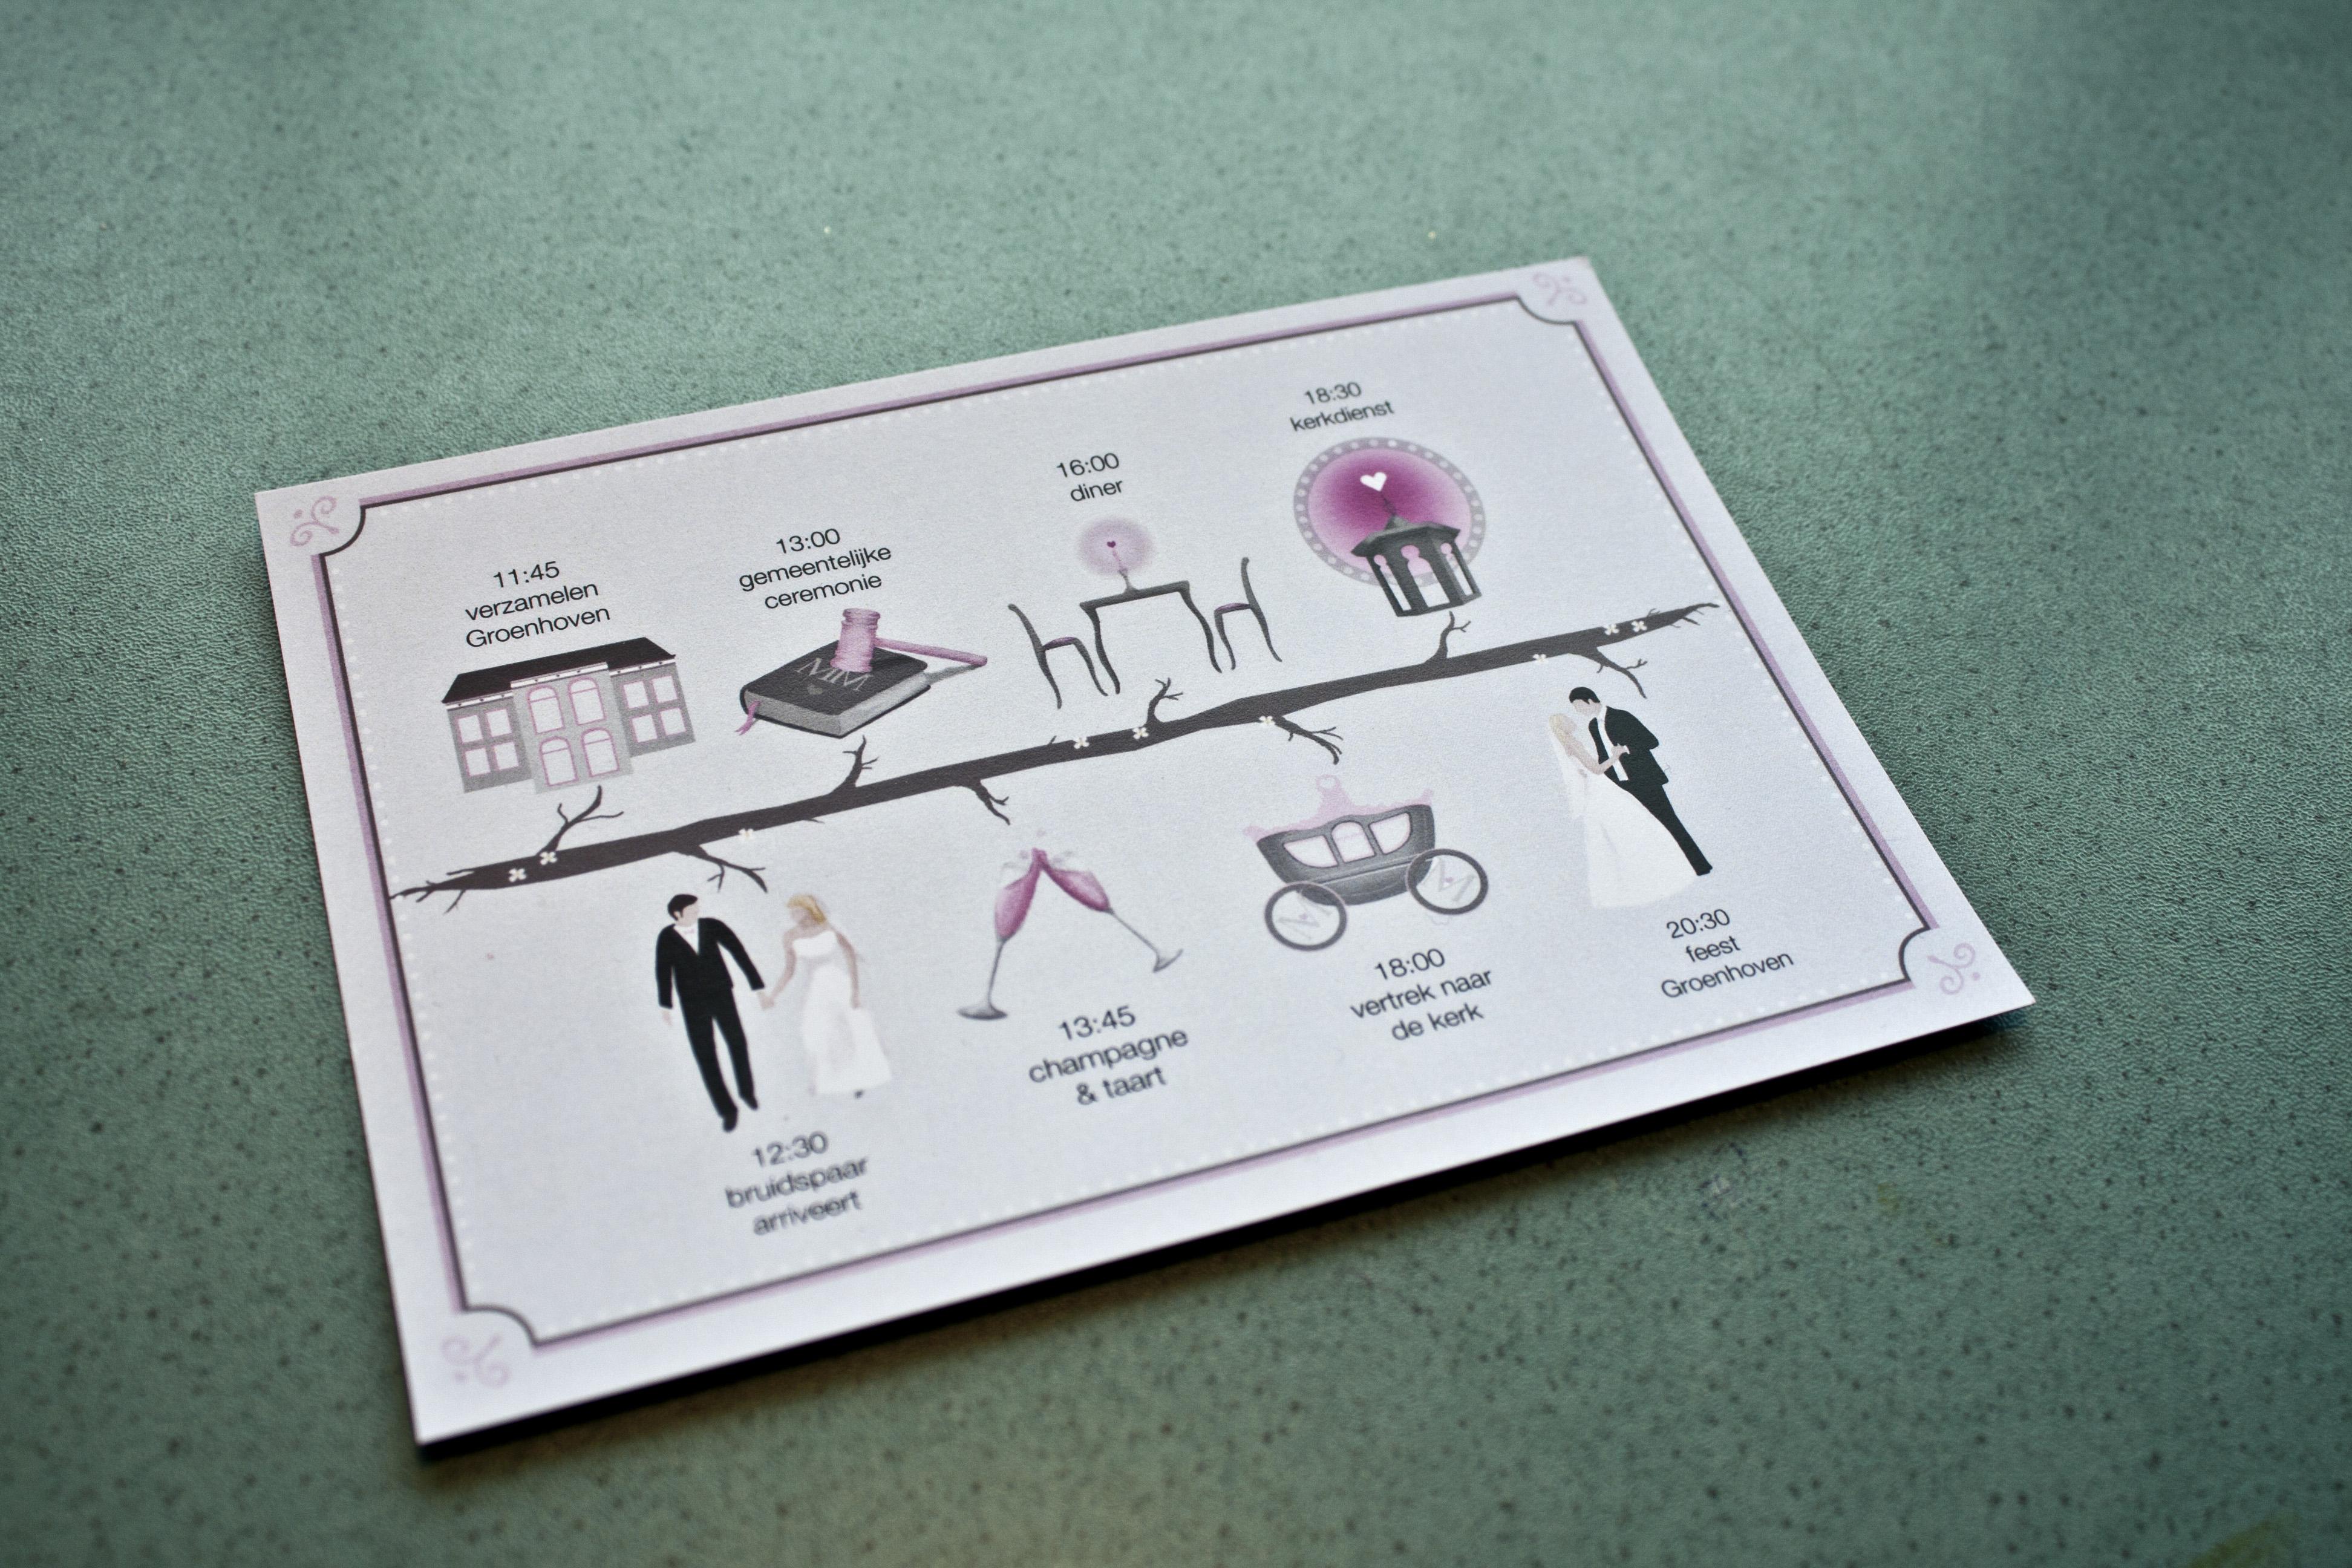 Tijdlijn voor een bruiloft | Merel van Lamoen illustratiesMerel van ...: http://www.merelvanlamoen.nl/tijdlijn/